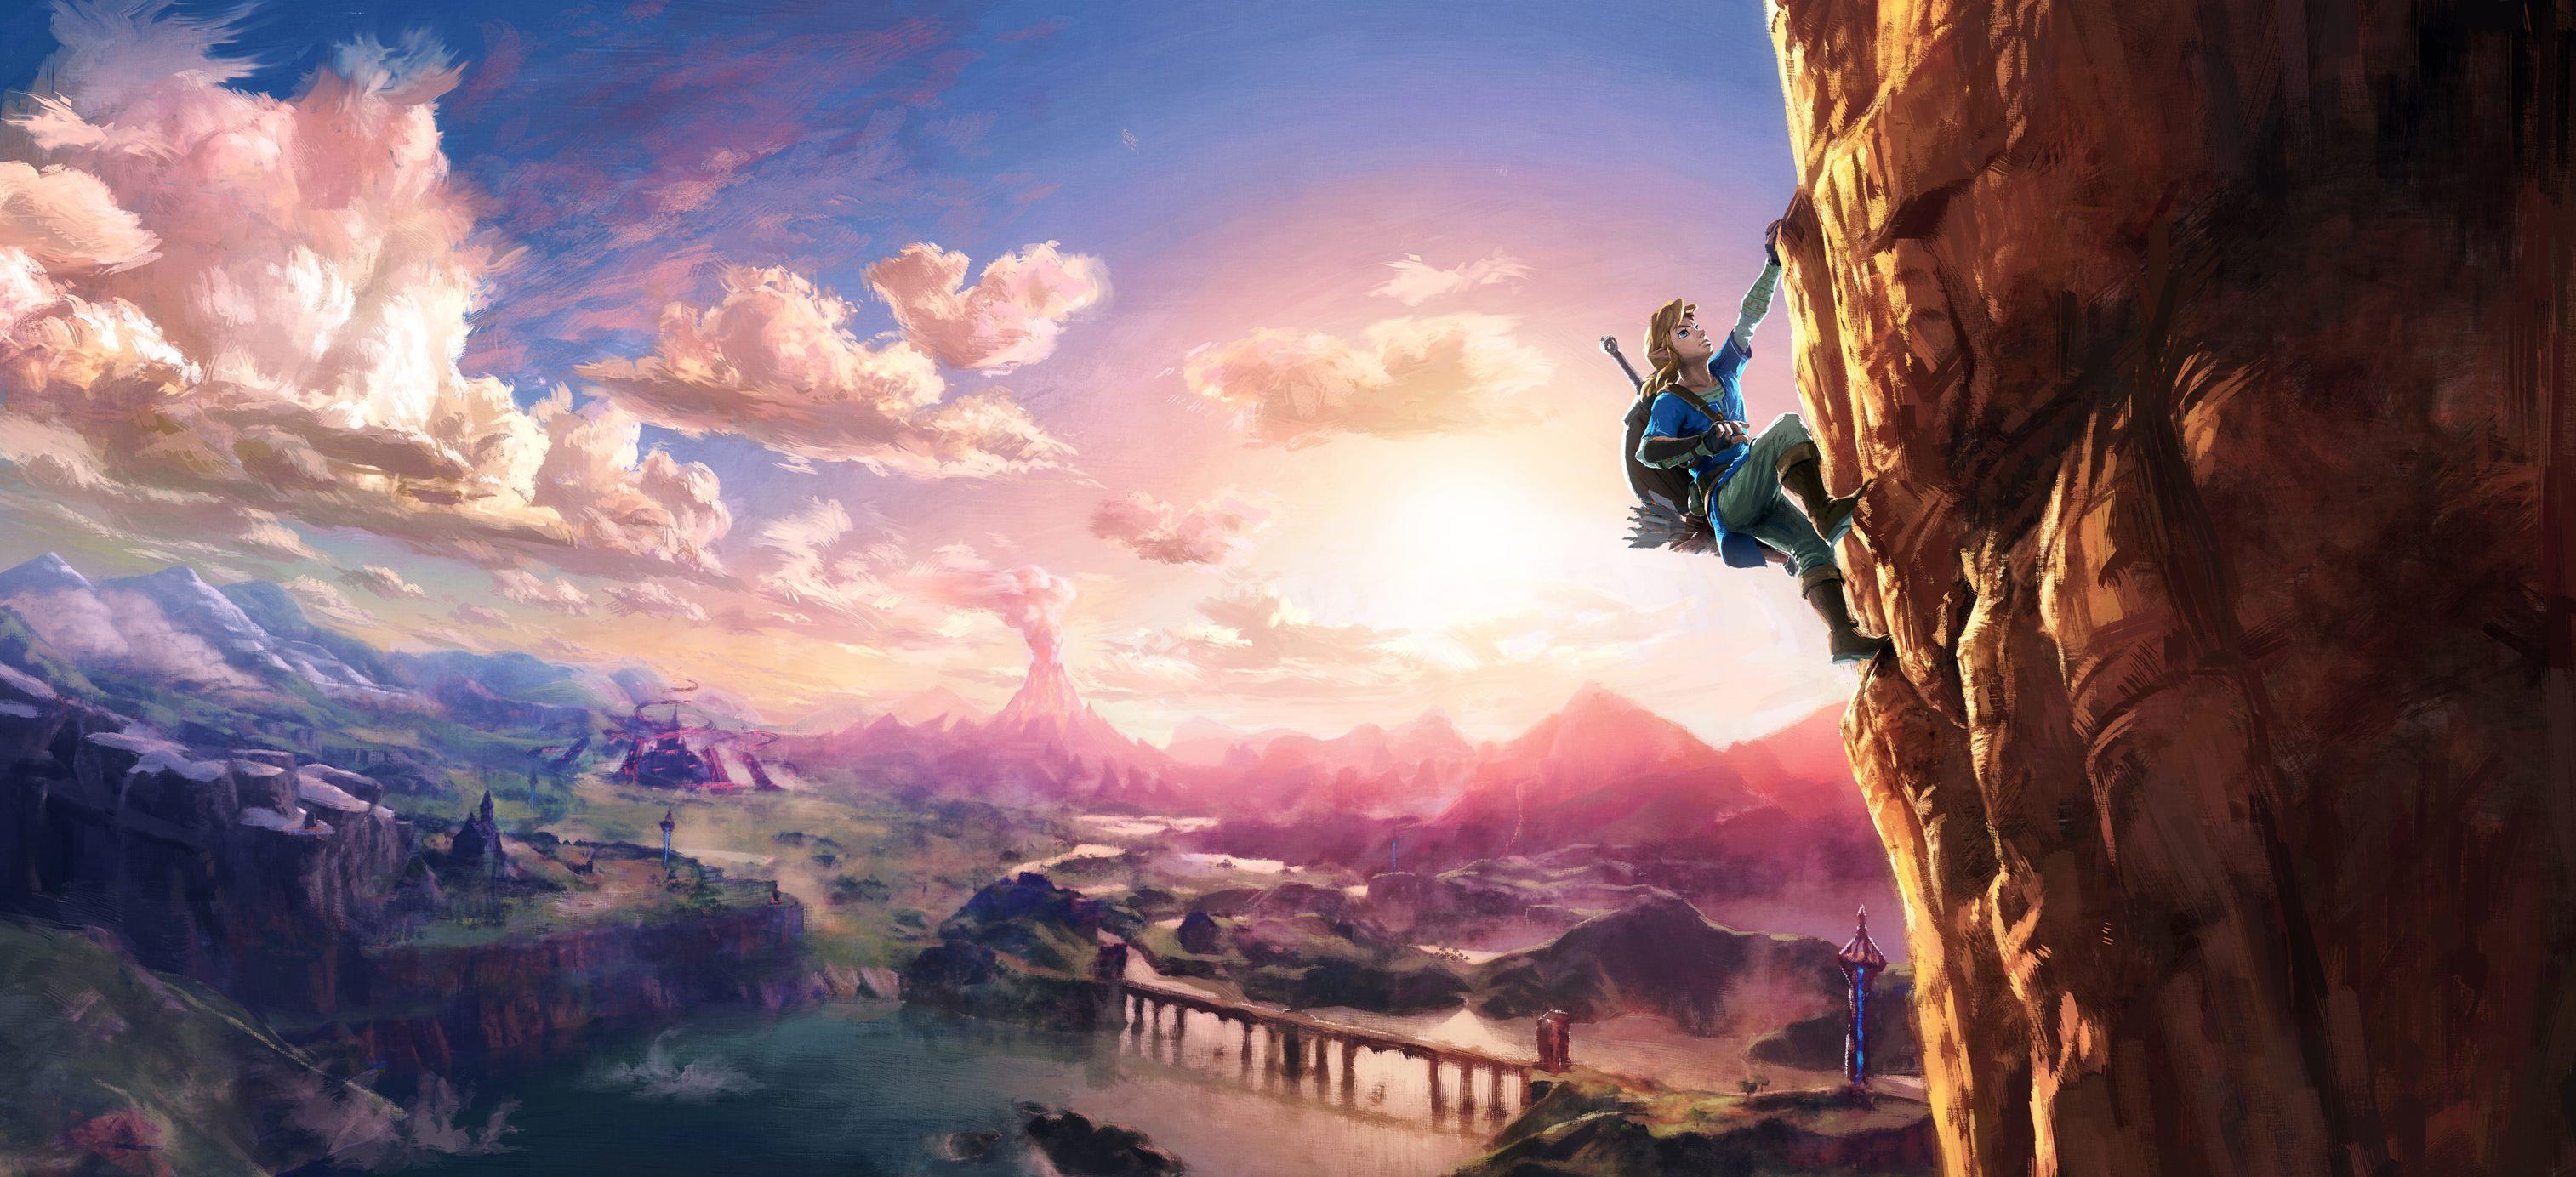 New-Zelda-Wallpaper